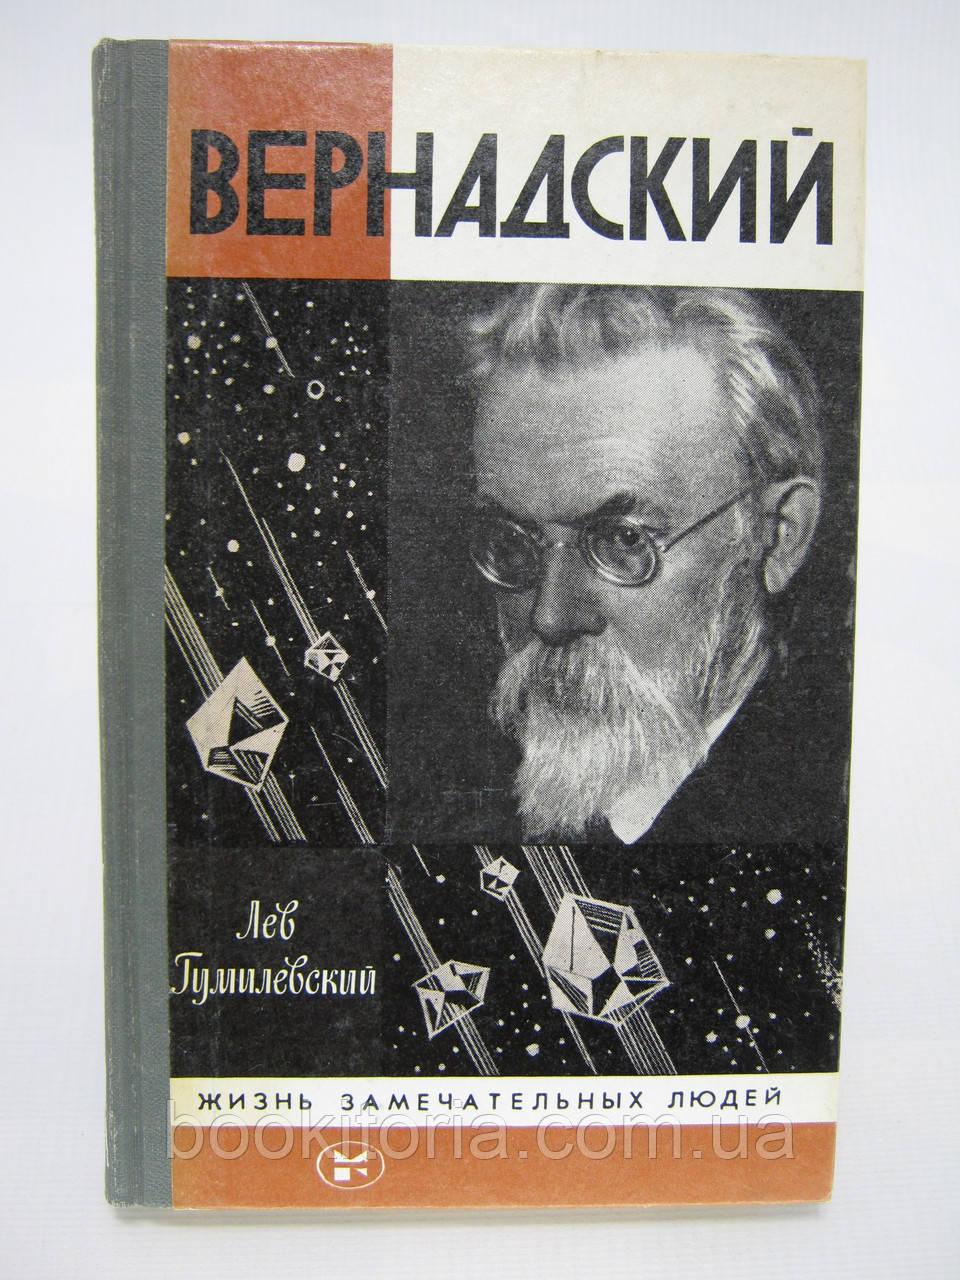 Гумилевский Л. Вернадский (б/у).